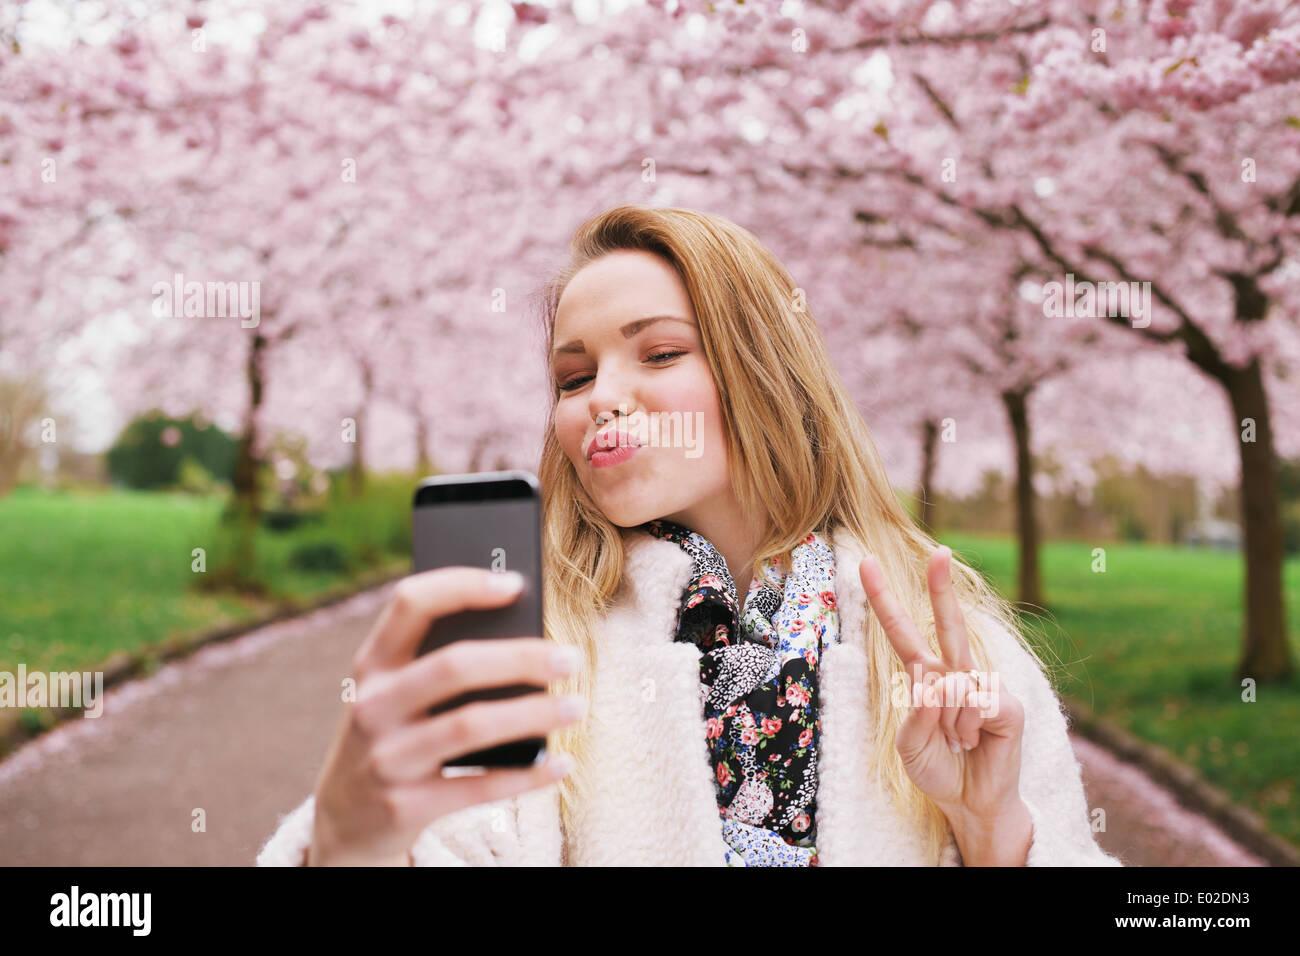 Atractiva mujer joven posando para selfie. Bella mujer en primavera florecen park teniendo autorretrato con teléfono móvil. Imagen De Stock